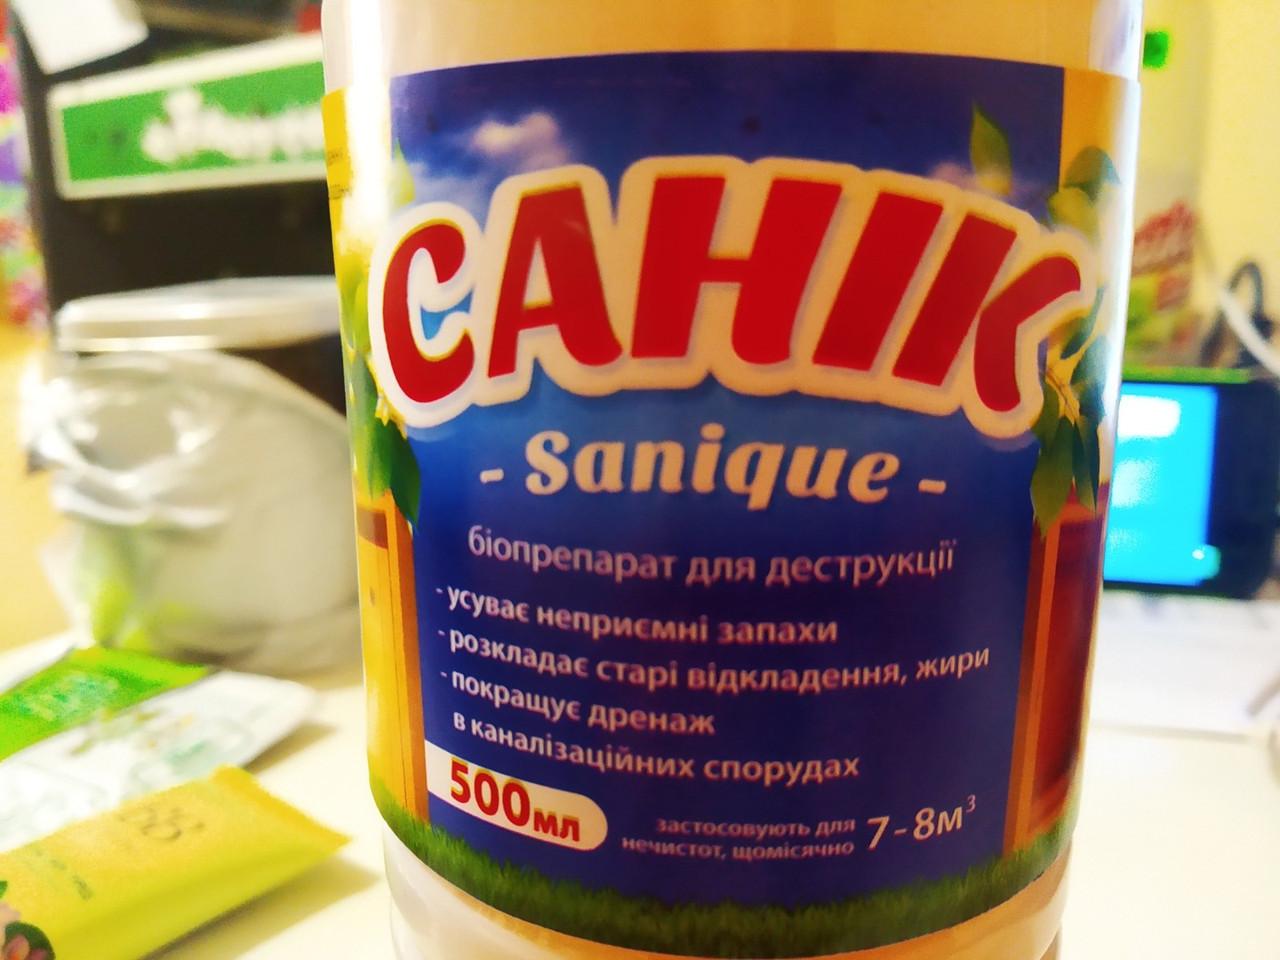 Біопрепарат для деструкцій компосту, дренажу в каналізації, вбиралень, вигрібних ям Саник 500 мл на 8 м3 Україна